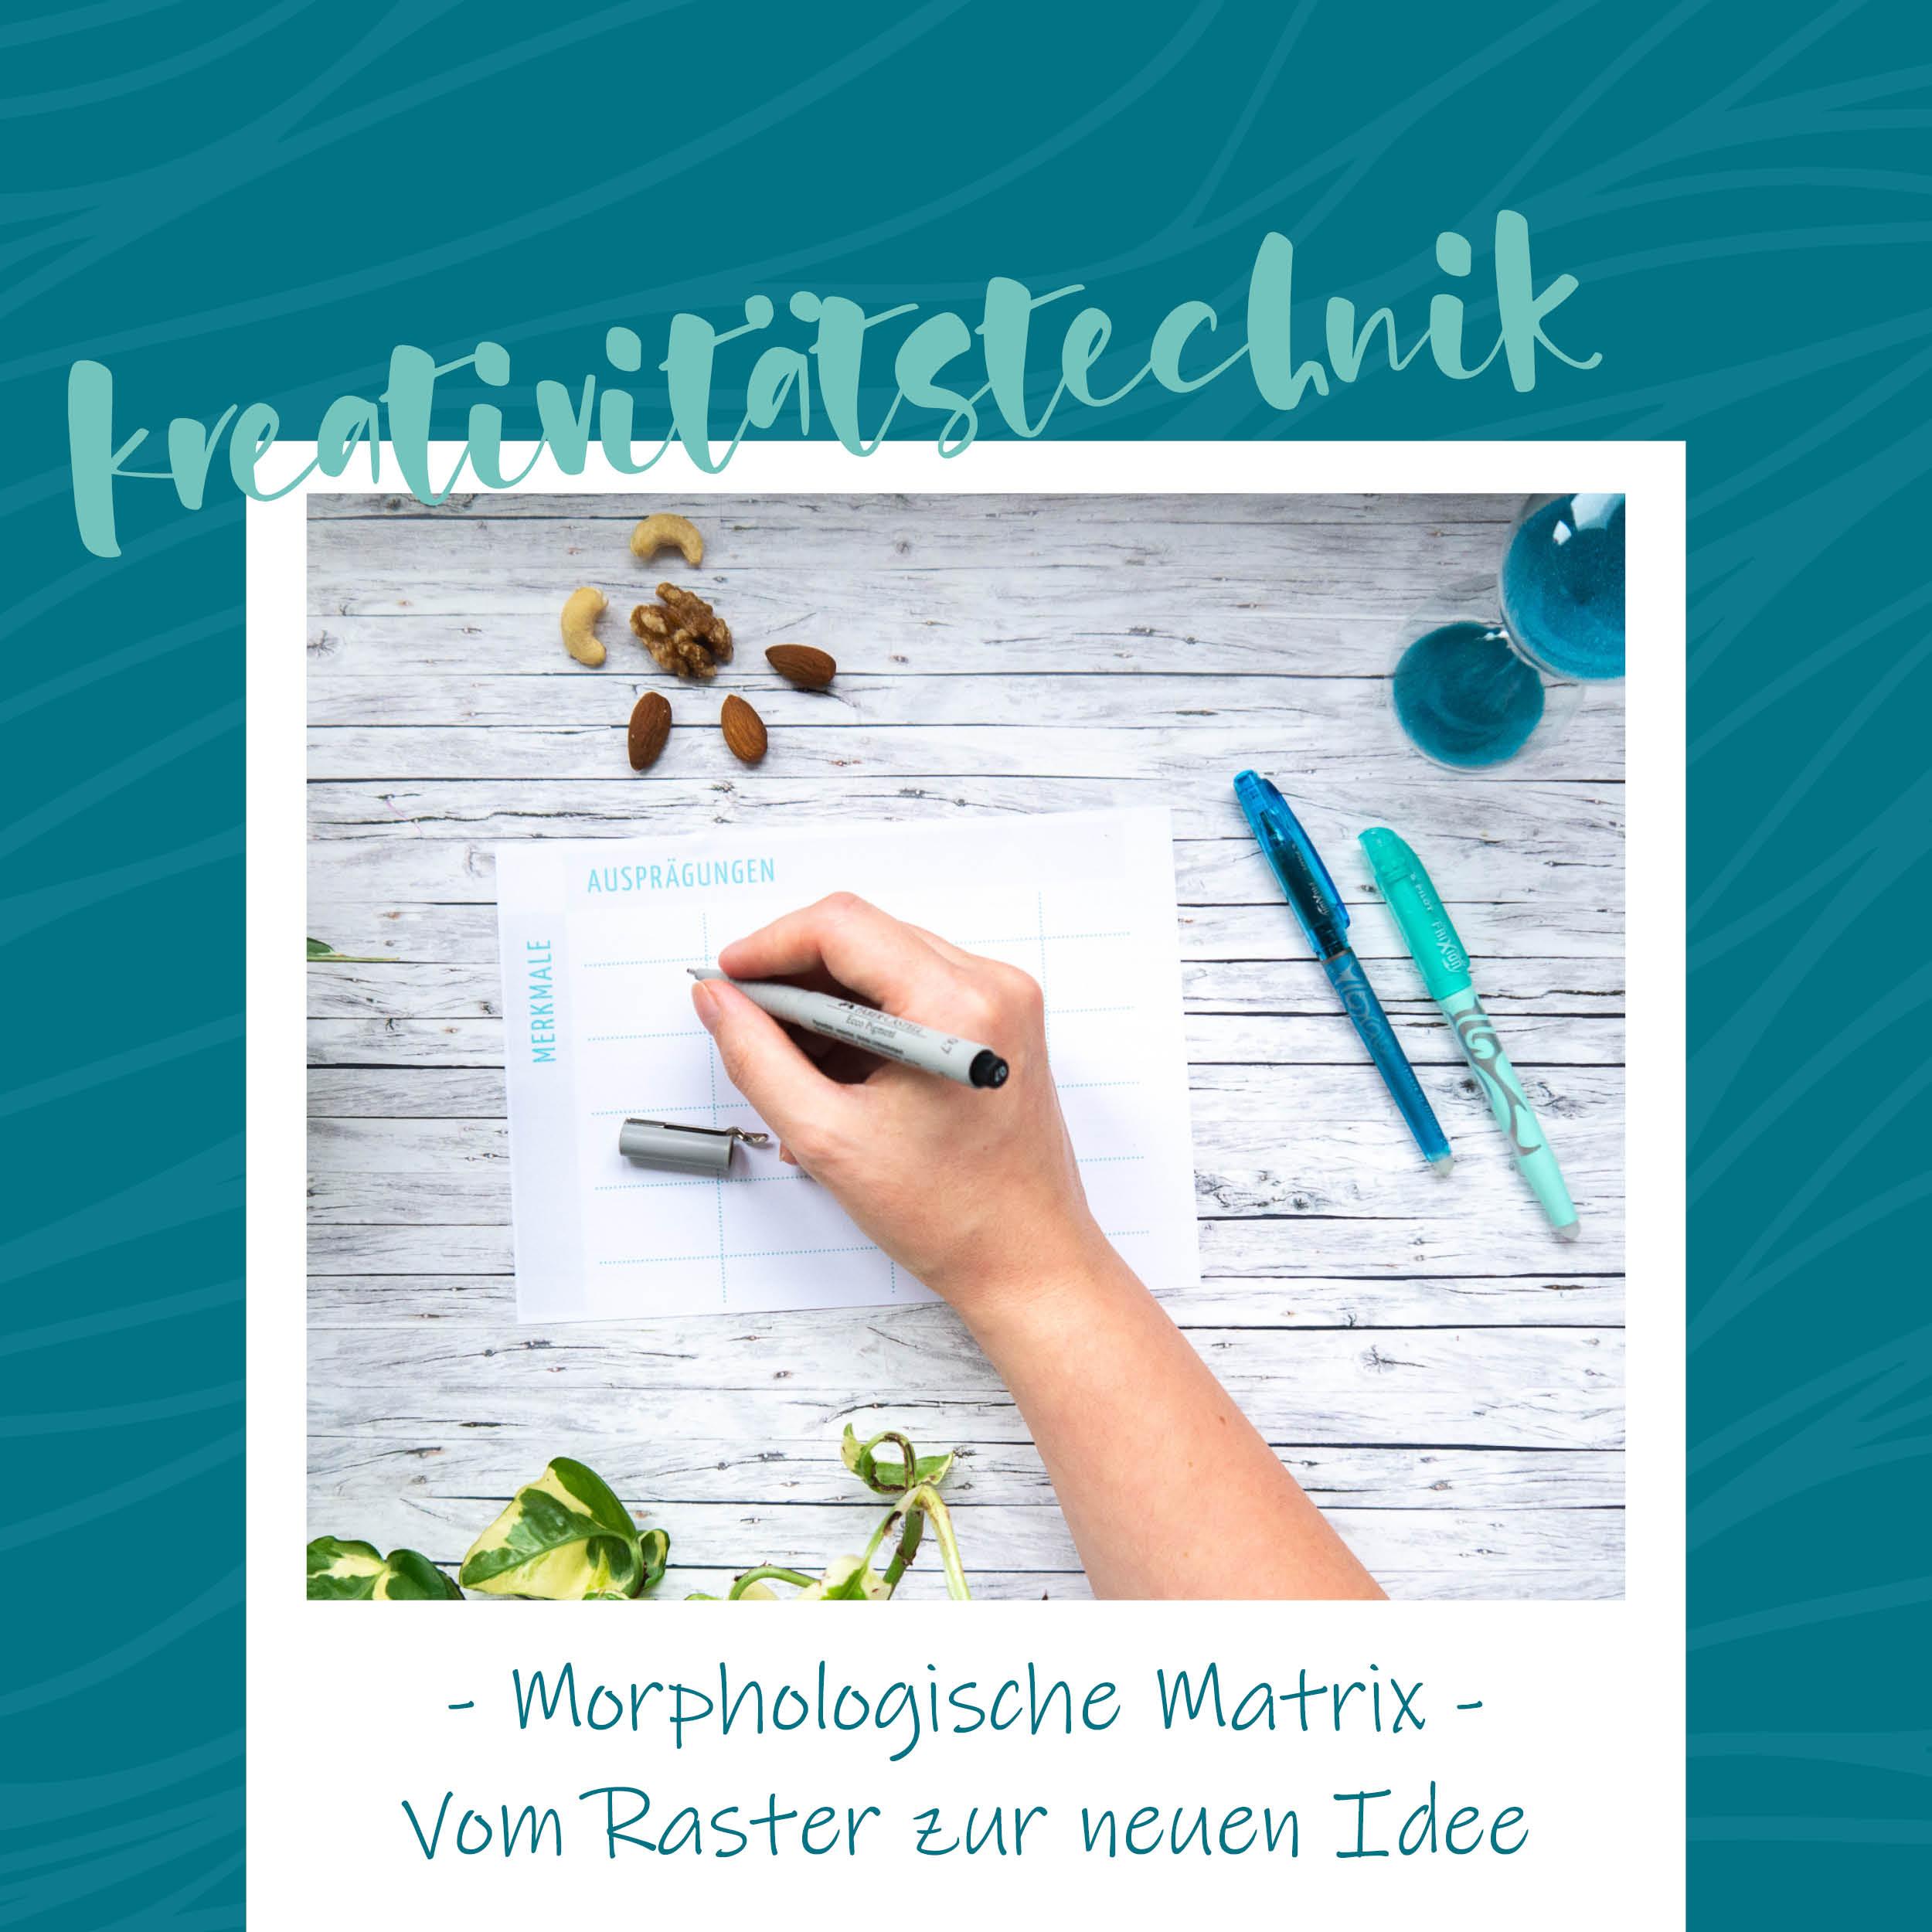 blauerEisberg_Kreativitätstechnik - Morphologische Matrix